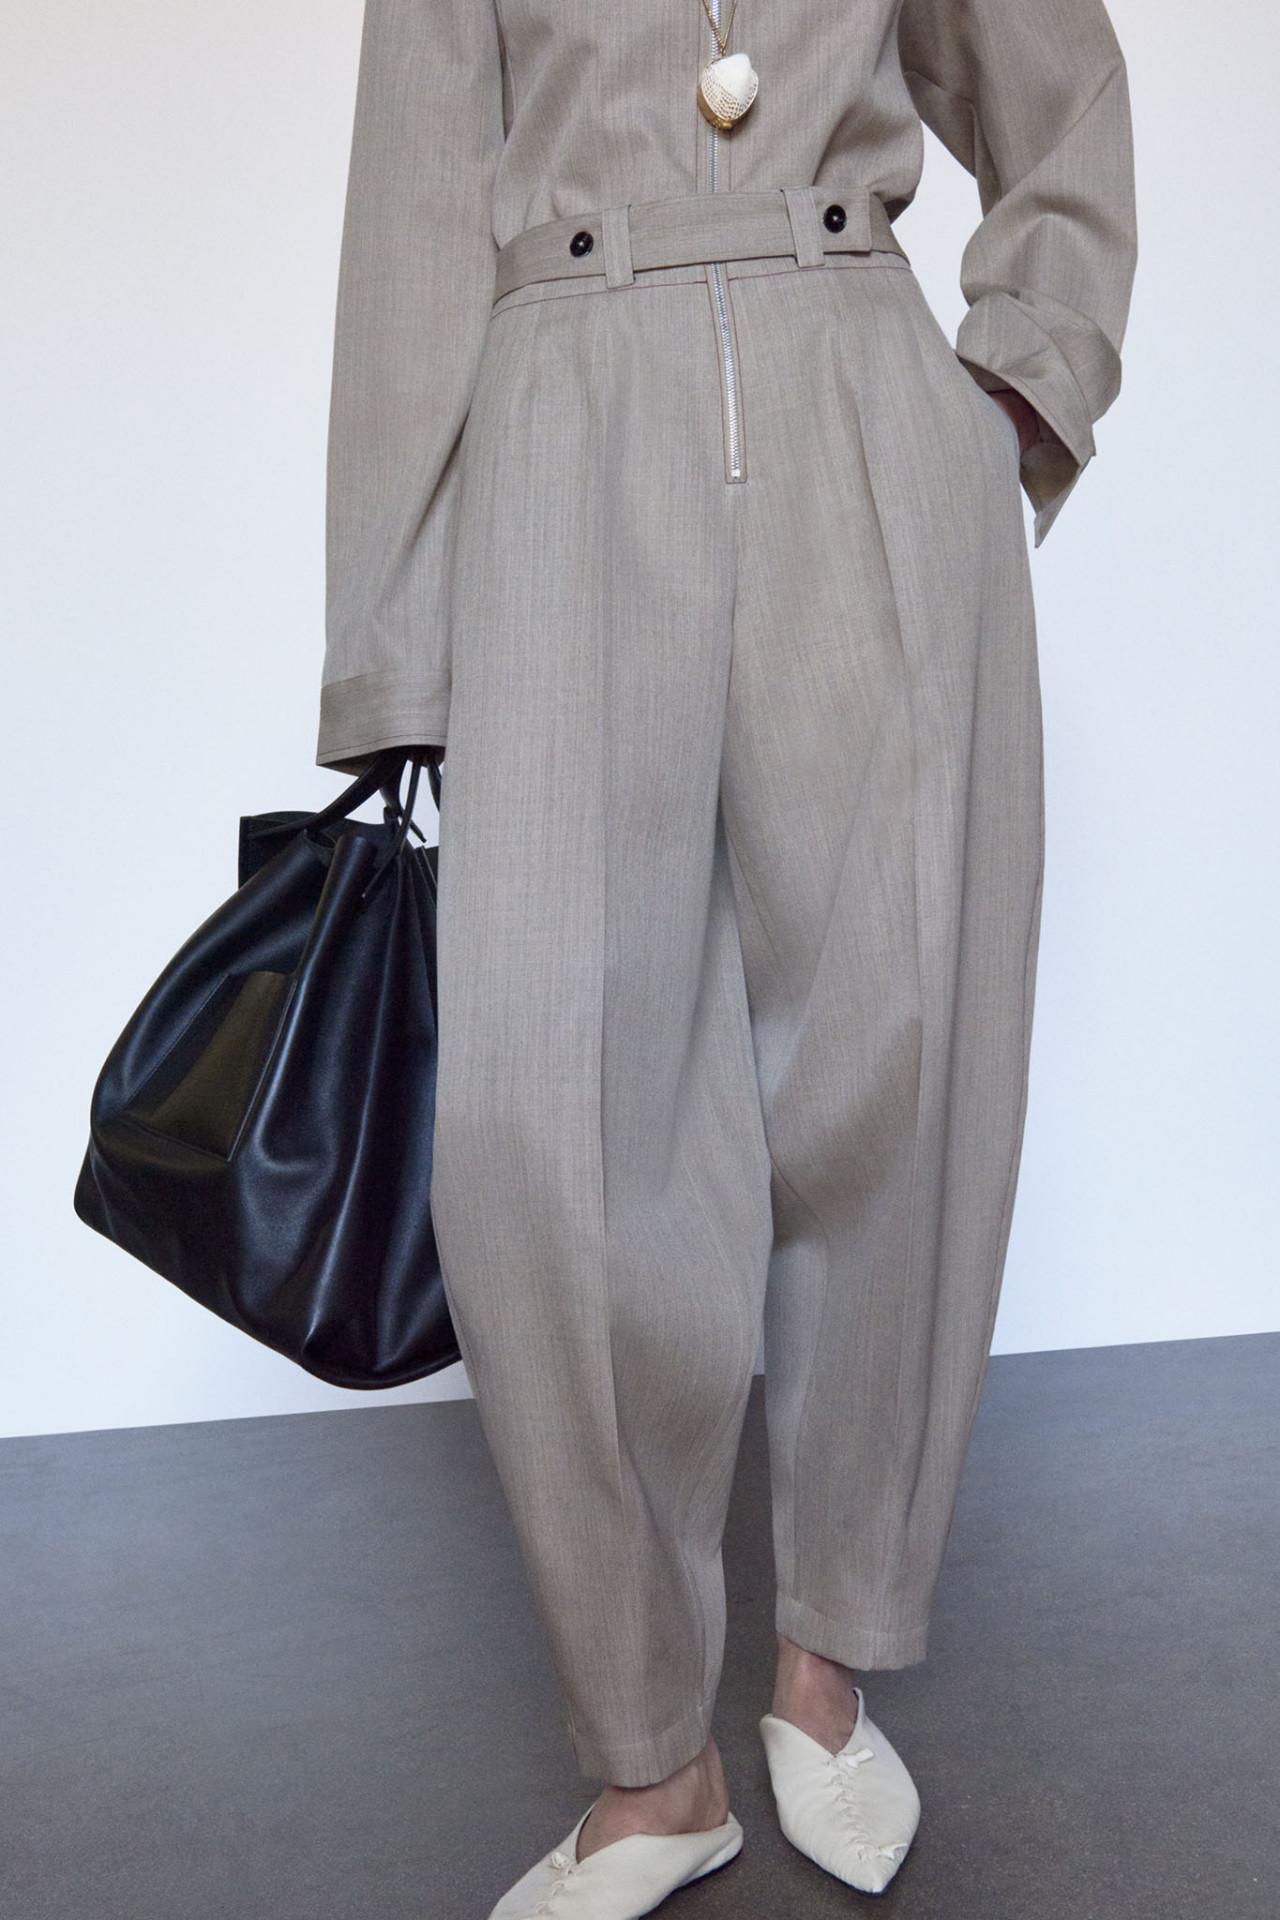 jil sander resort handbags 2021